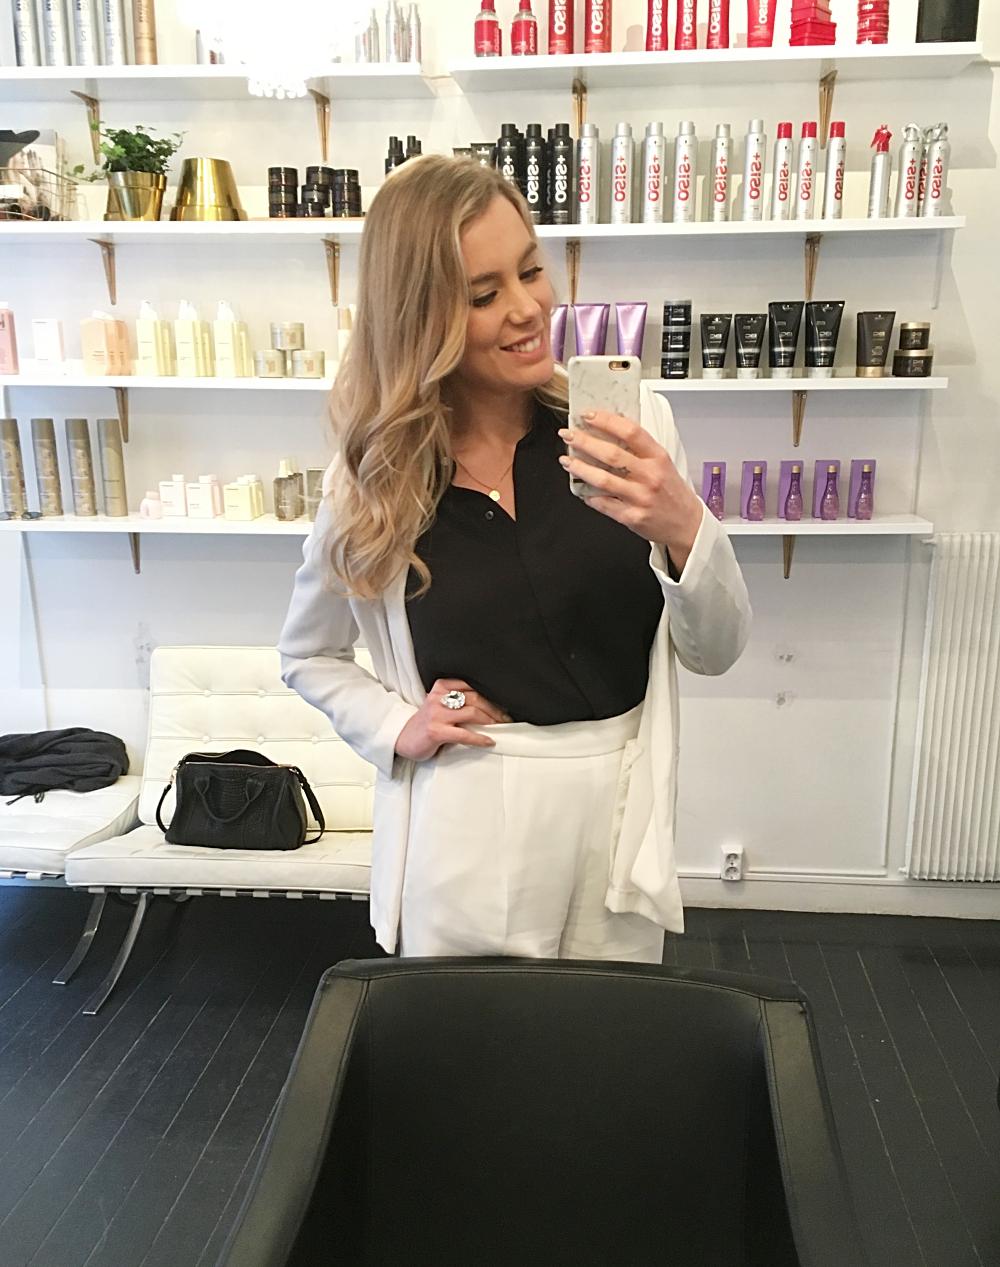 HairByNielsen_jamie